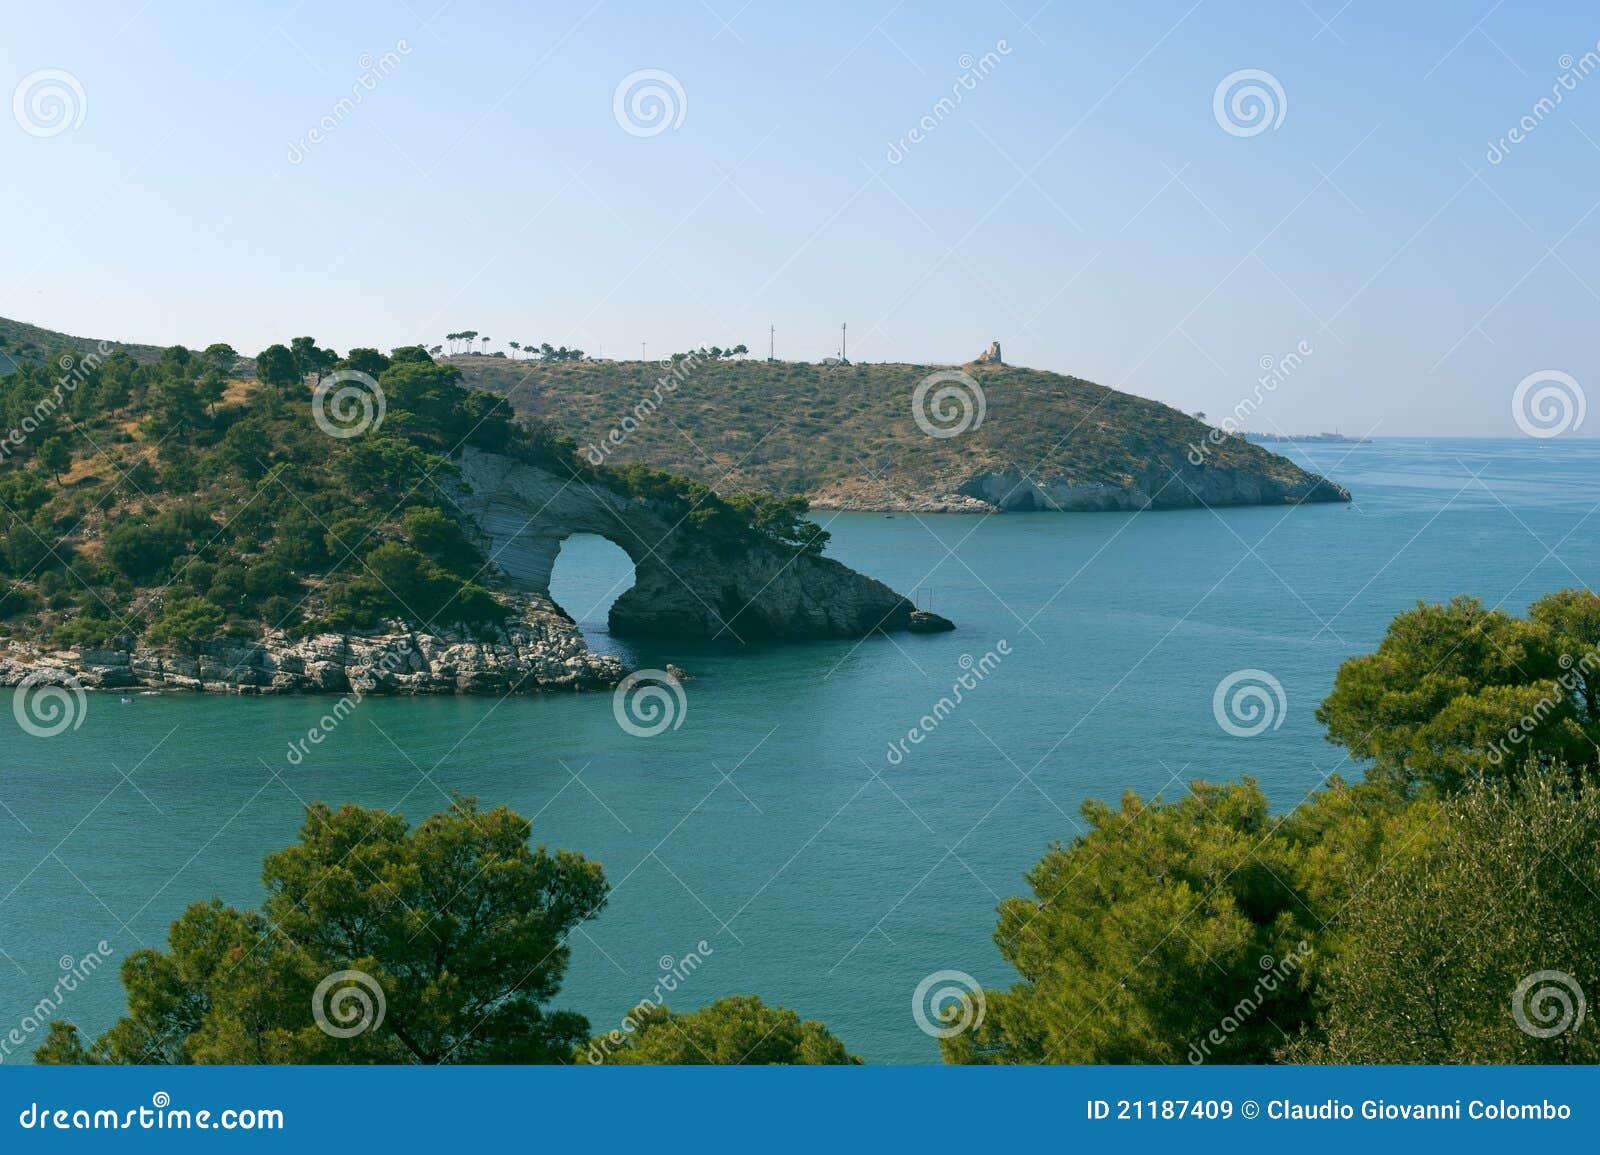 The coast of Gargano (Apulia, Italy) at summer